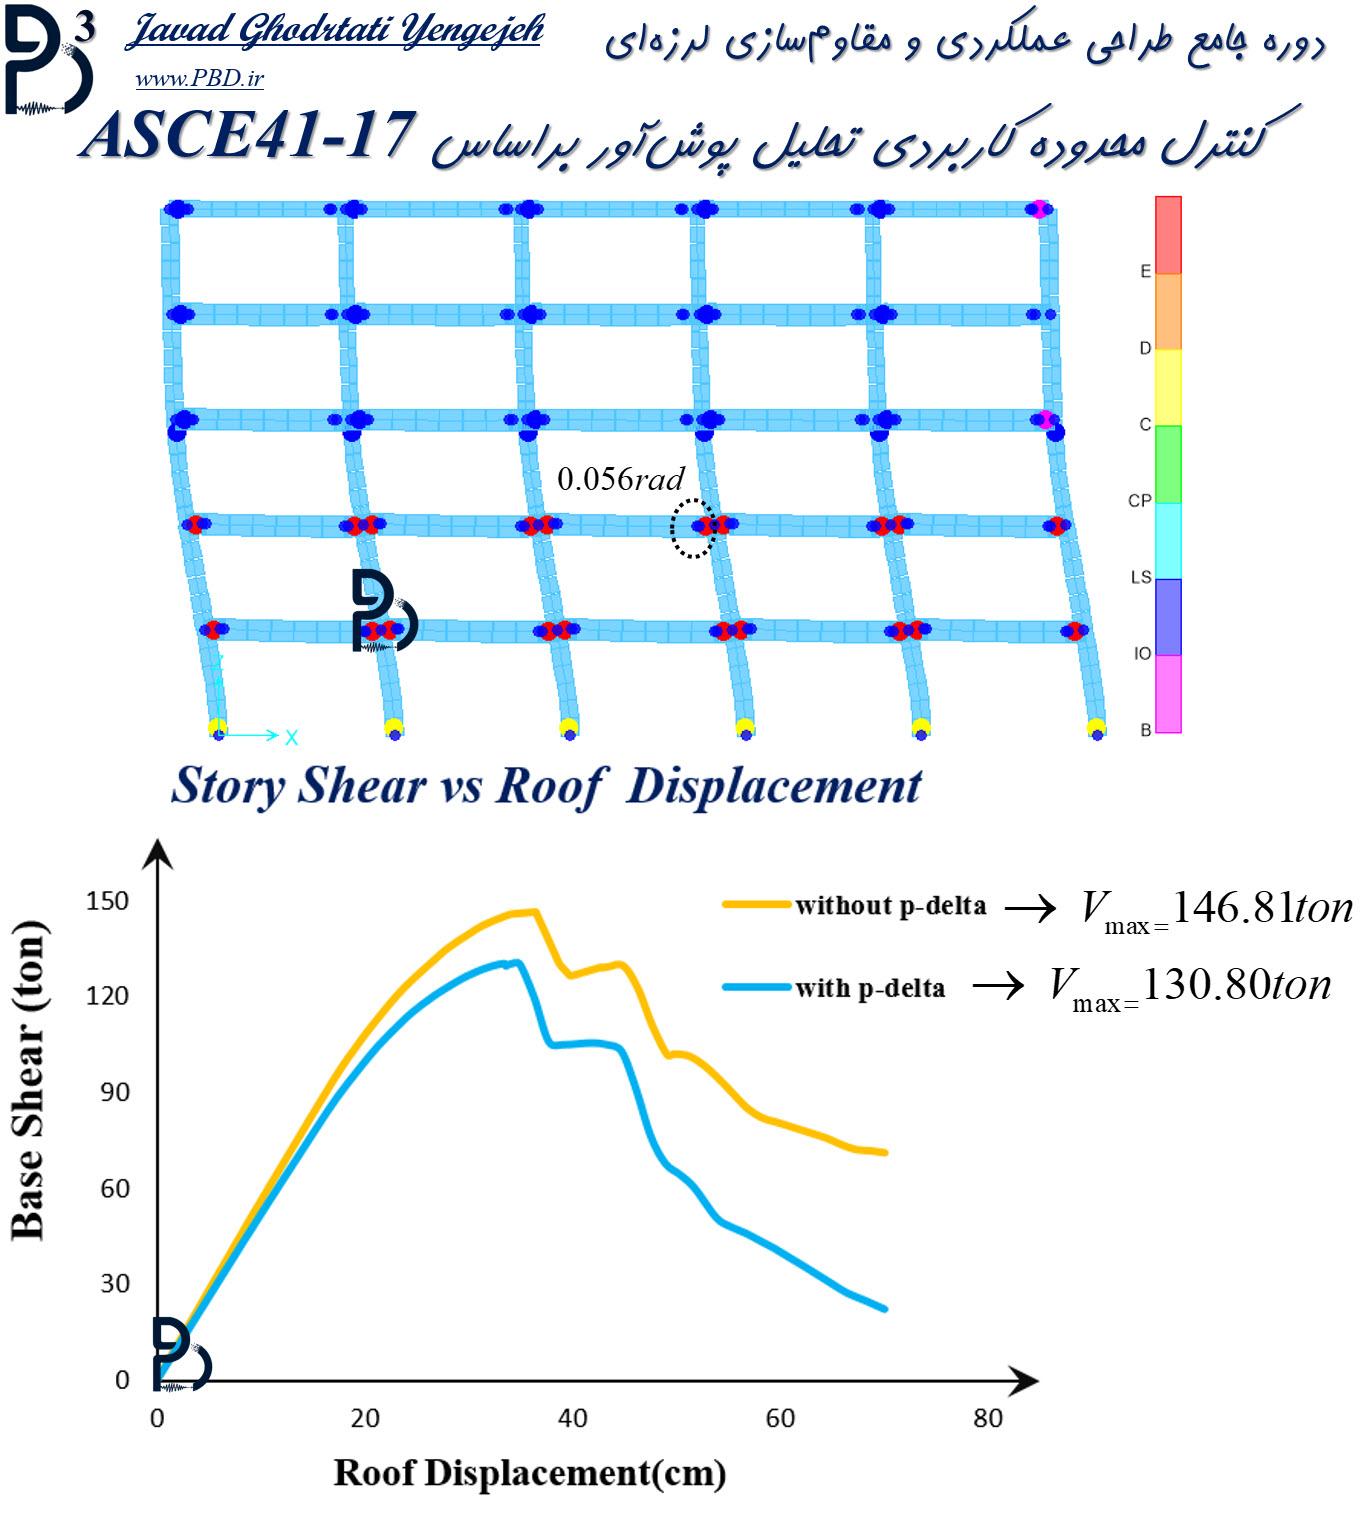 کنترل محدوده کاربردی تحلیل پوشآور براساس ASCE41-17